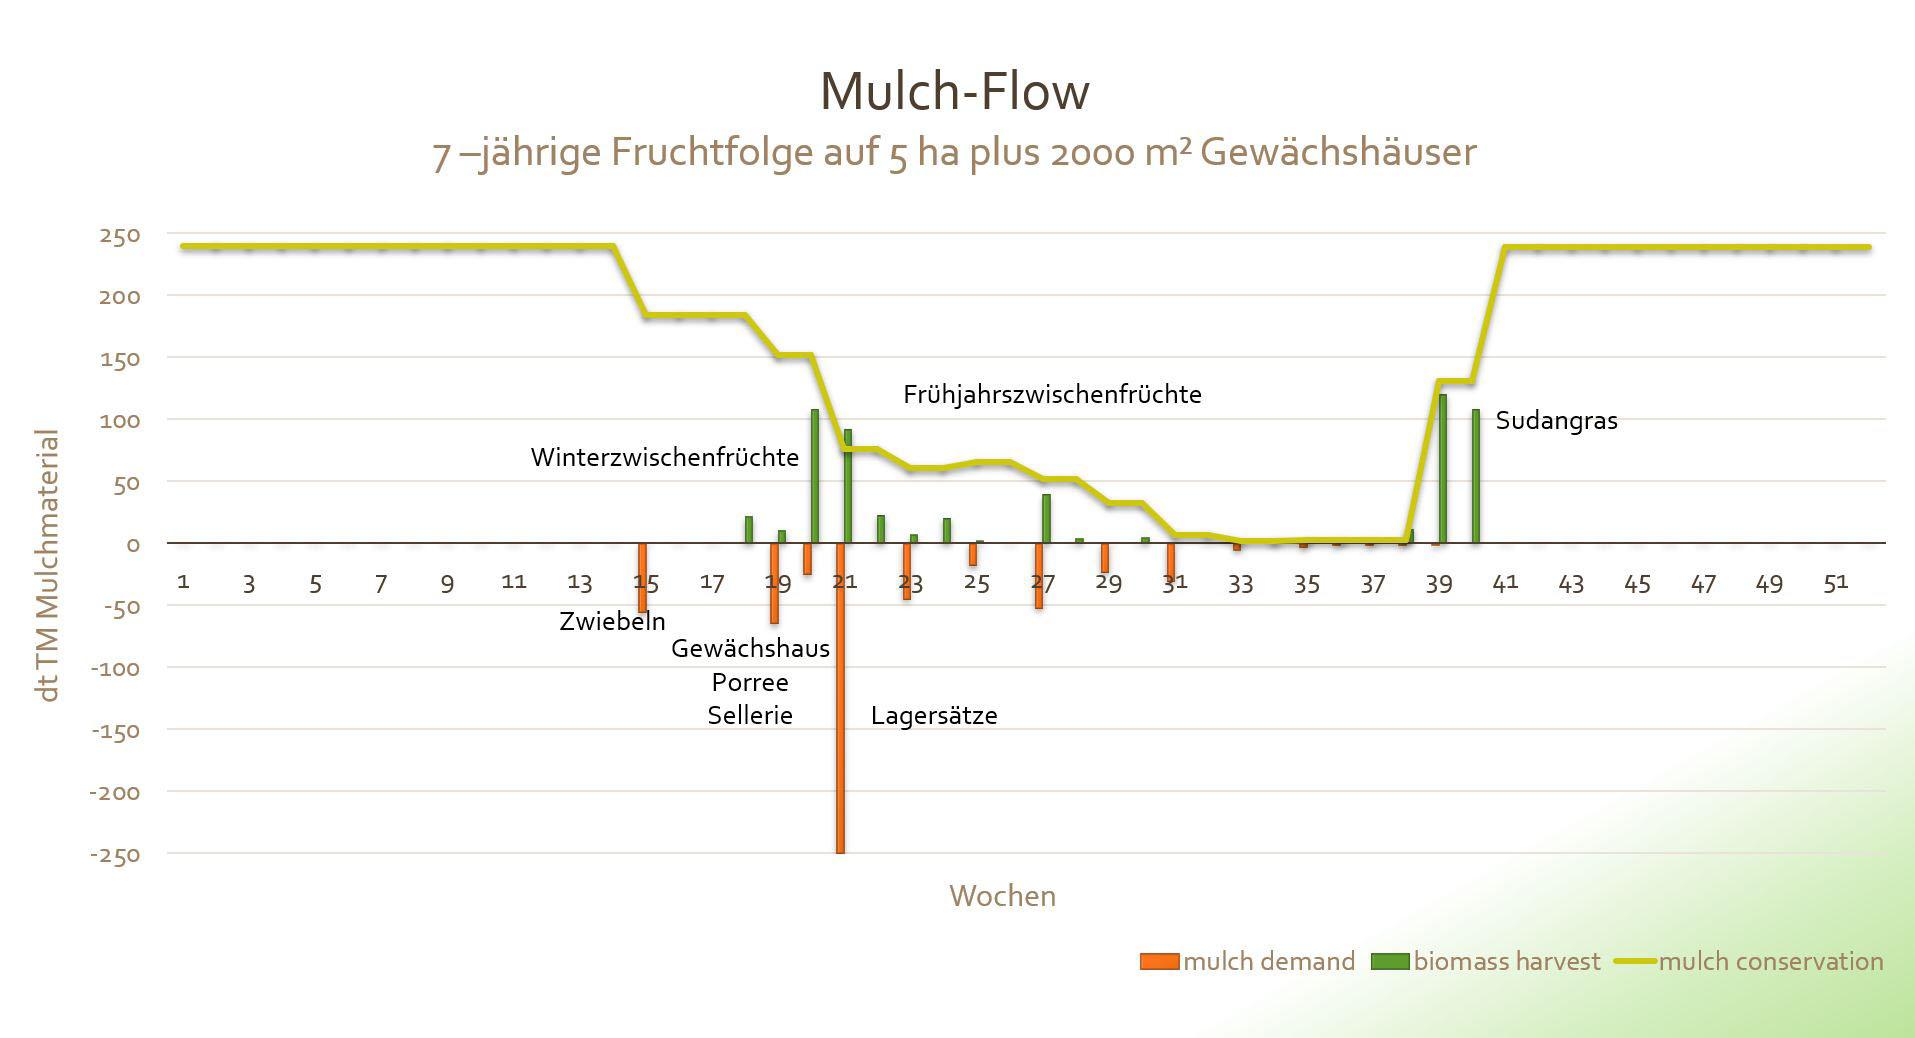 Mulch Flow Diagramm zu 7-jährige Fruchtfolge auf 5 ha plus 2000 qm Gewächshäuser